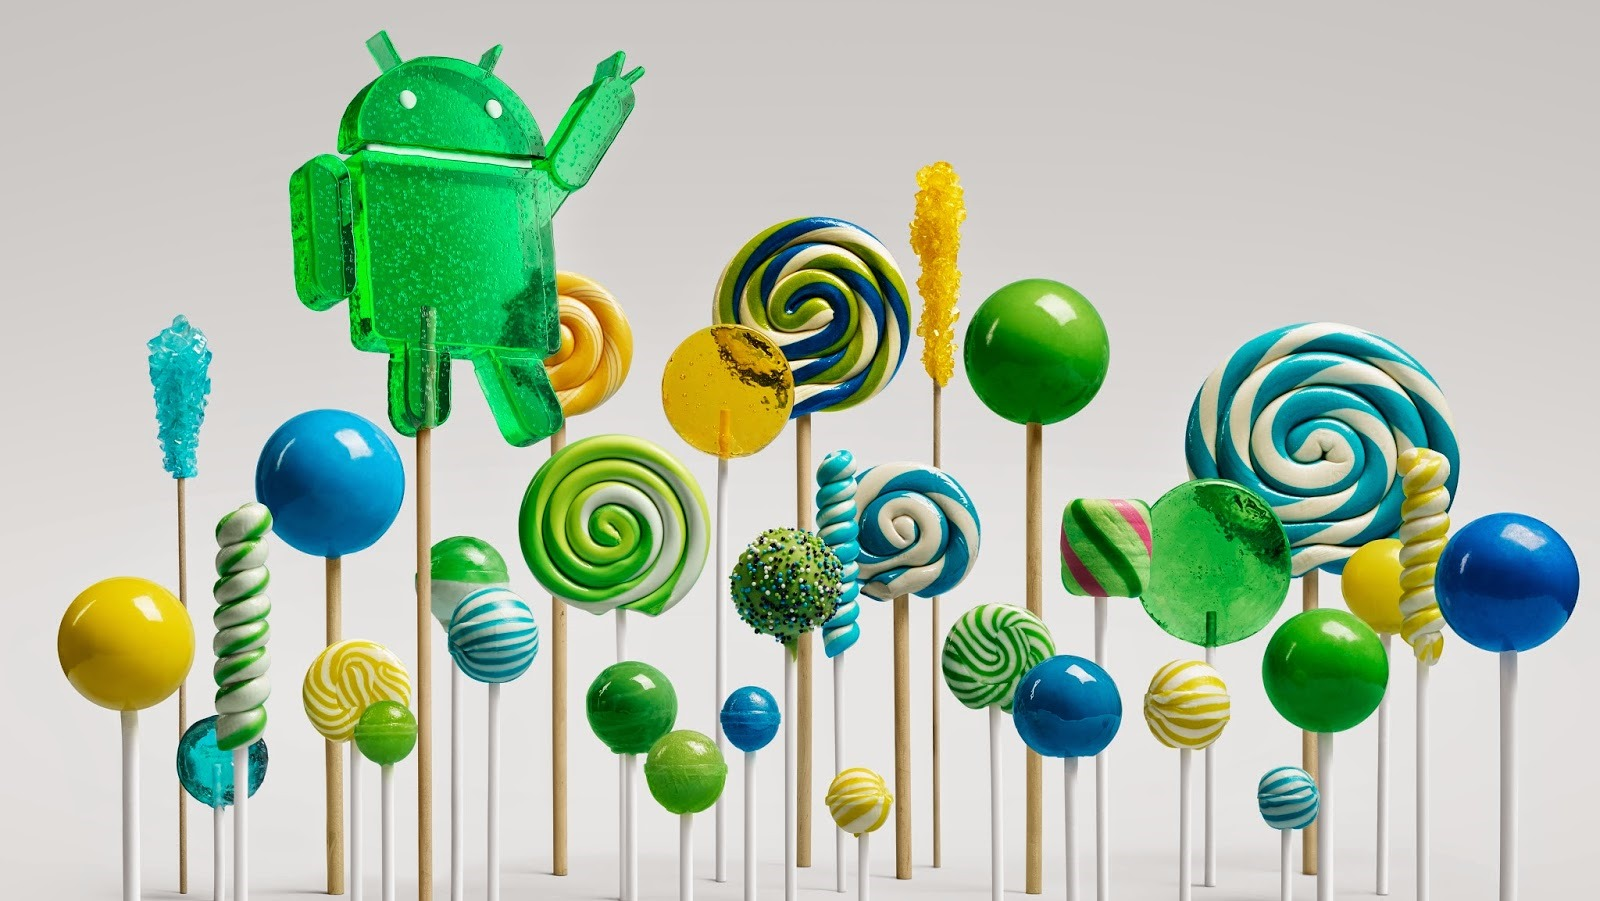 Sony Xperia z3 android 5.0 aosp